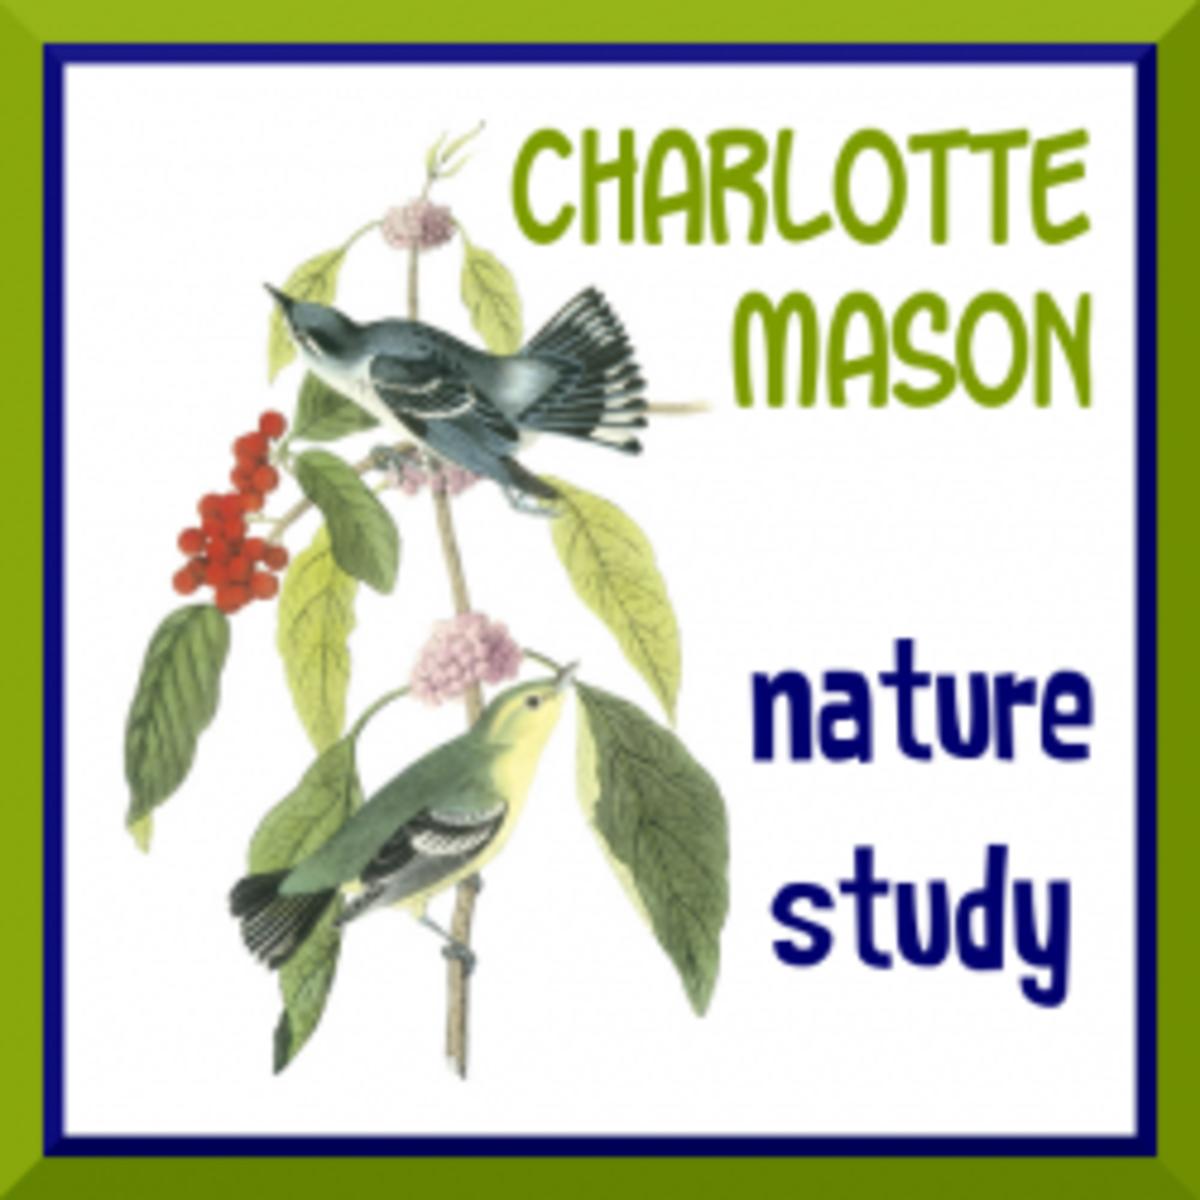 Nature Study -- Charlotte Mason Style